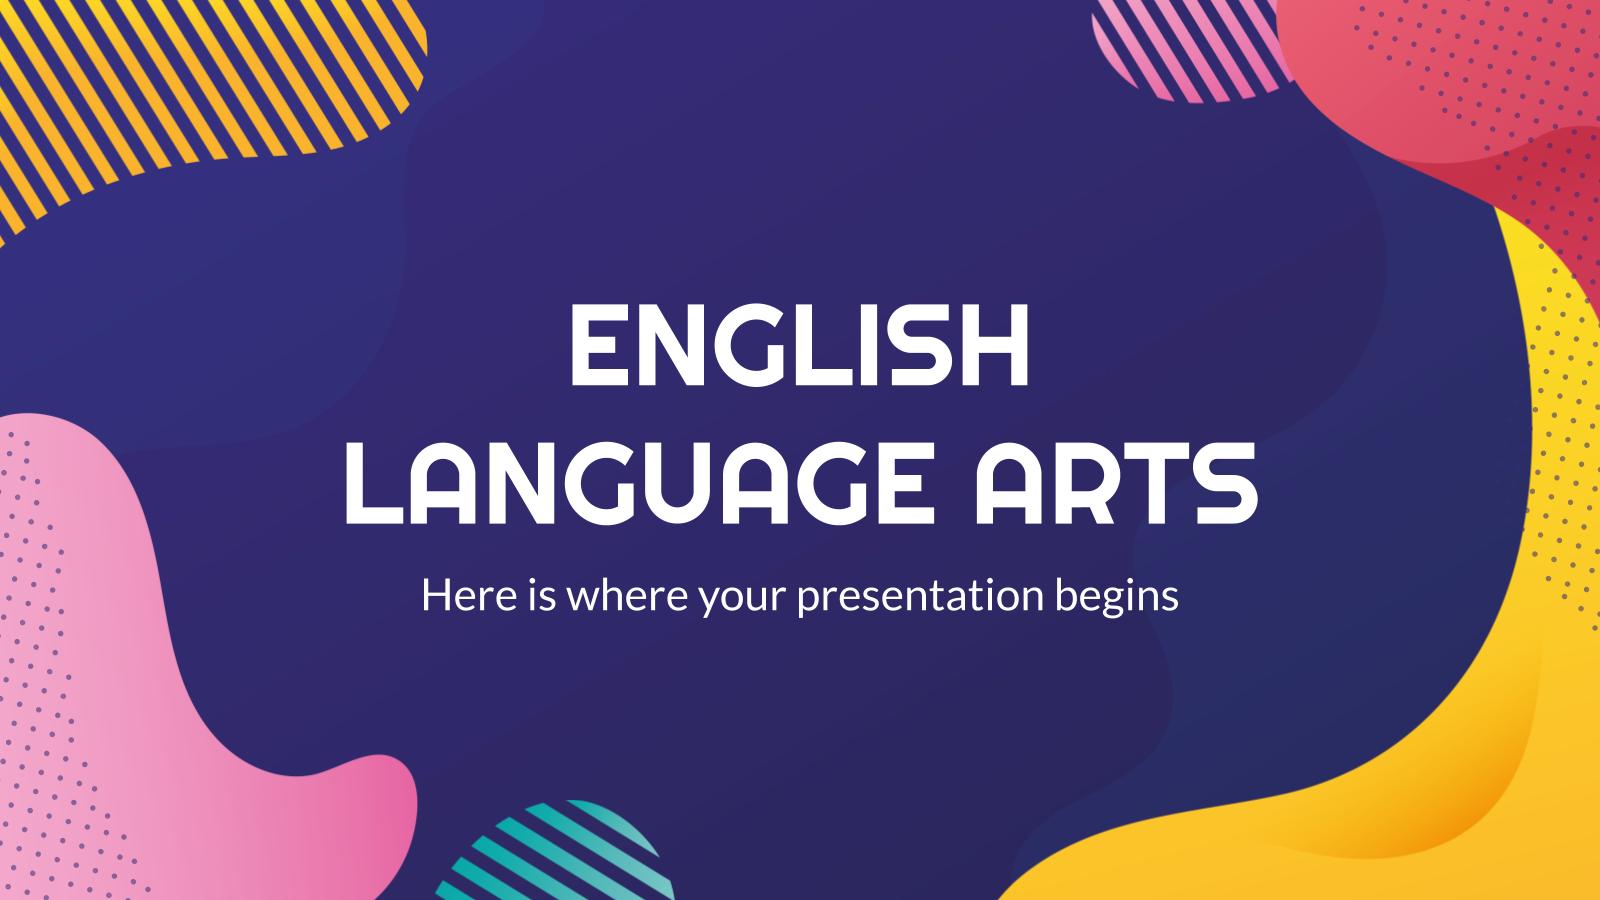 Thèse sur la langue anglaise : Modèles de présentation